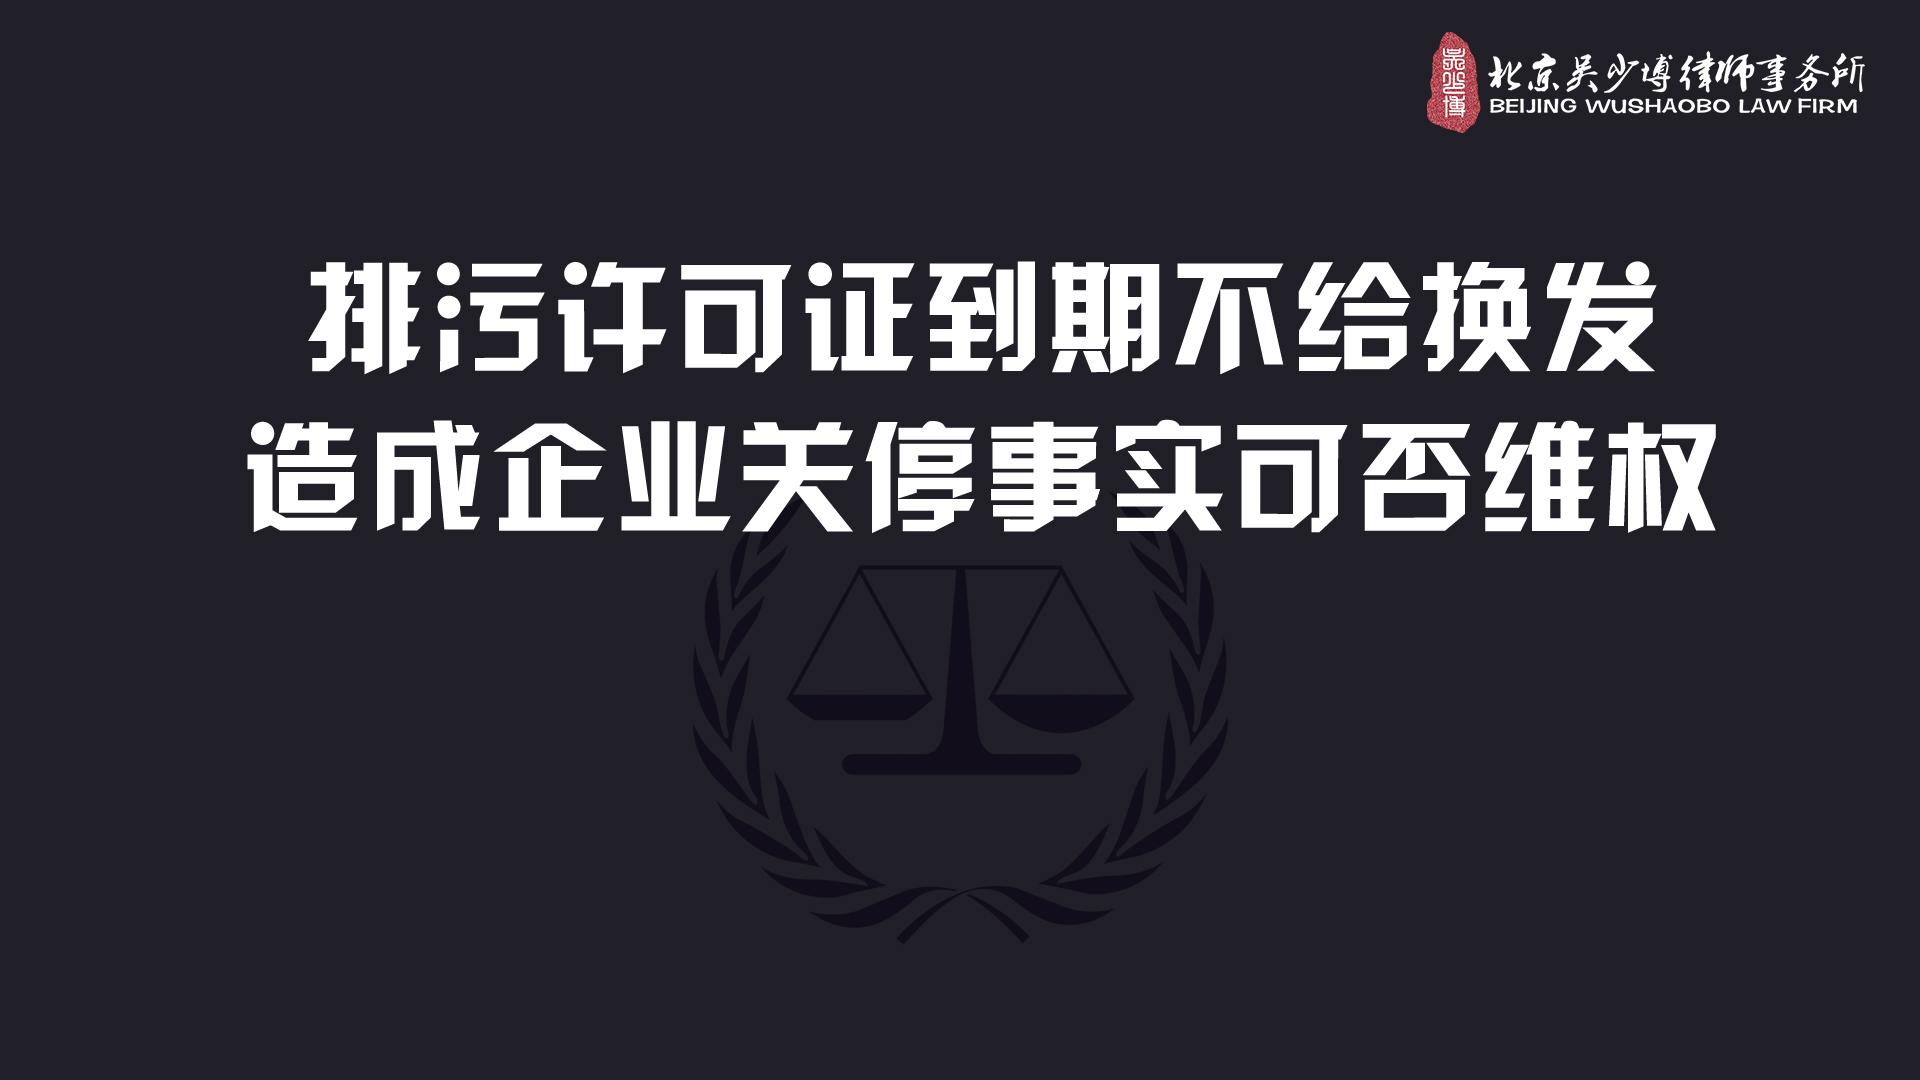 【视频】189期:排污许可证到期不给换发造成企业关停事实可否维权